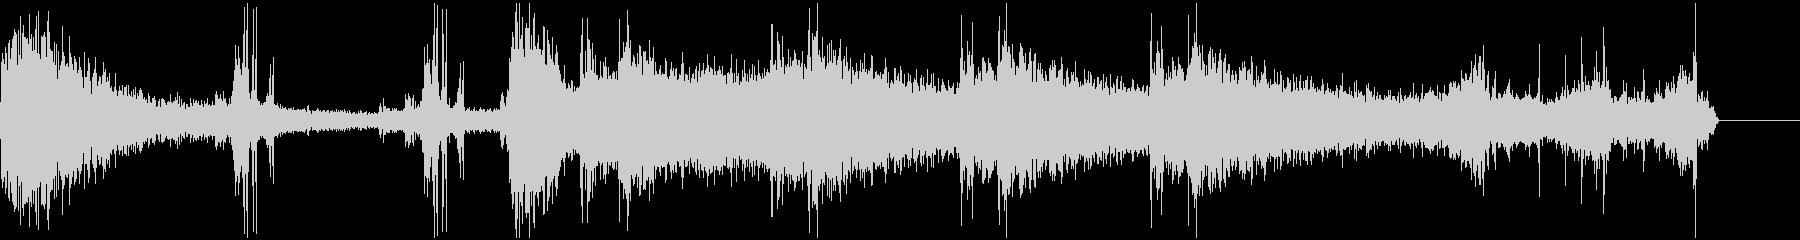 ゴーストの足音 不気味な効果音の未再生の波形